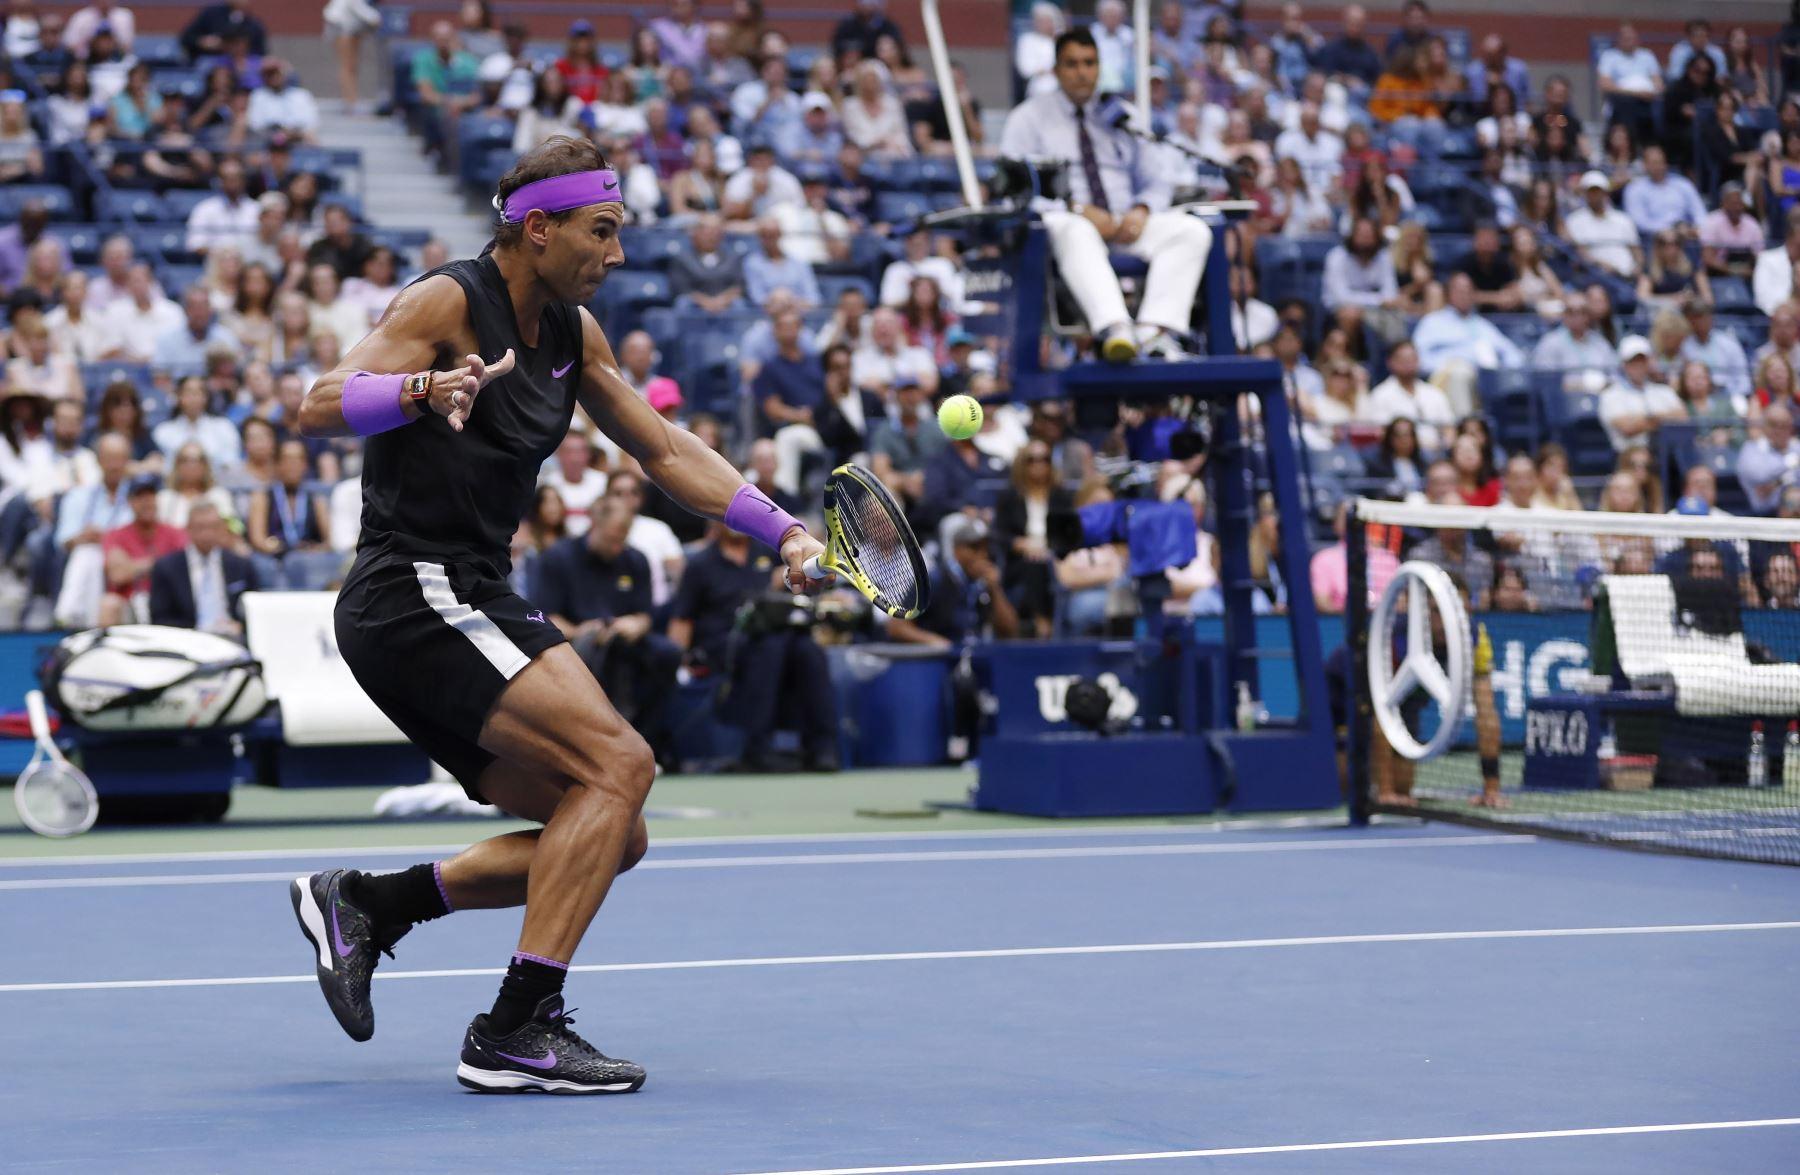 Rafael Nadal, de España, regresa a Daniil Medvedev de Rusia durante el partido final masculino en el decimocuarto día del Campeonato de Tenis Abierto de EE. UU.  Foto: EFE